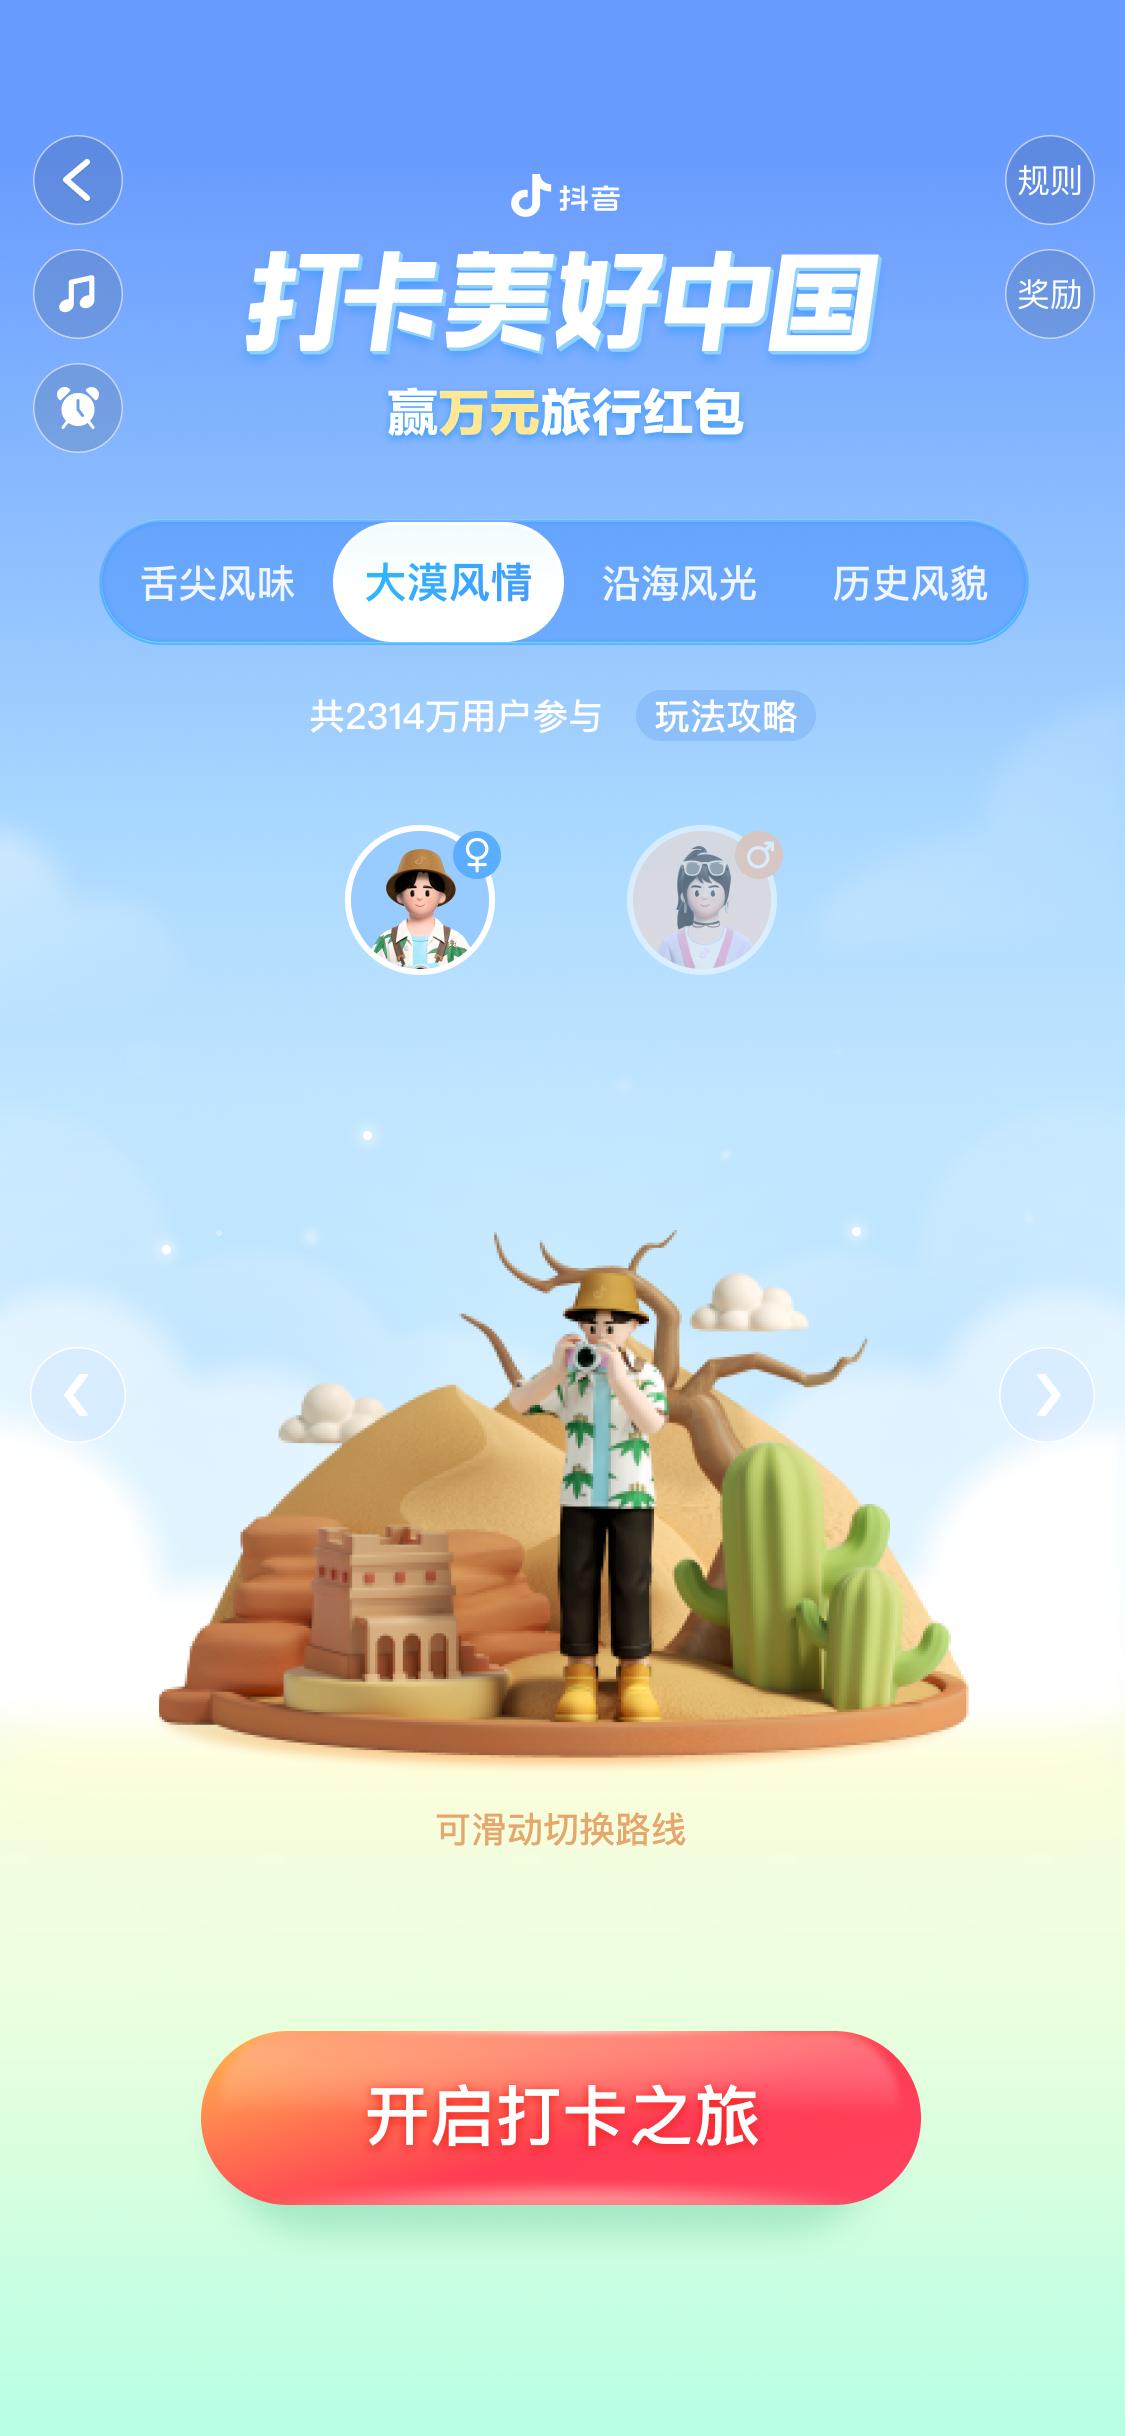 """抖音""""打卡美好中国""""活动 搭建出游新场景,探索多元化服务"""